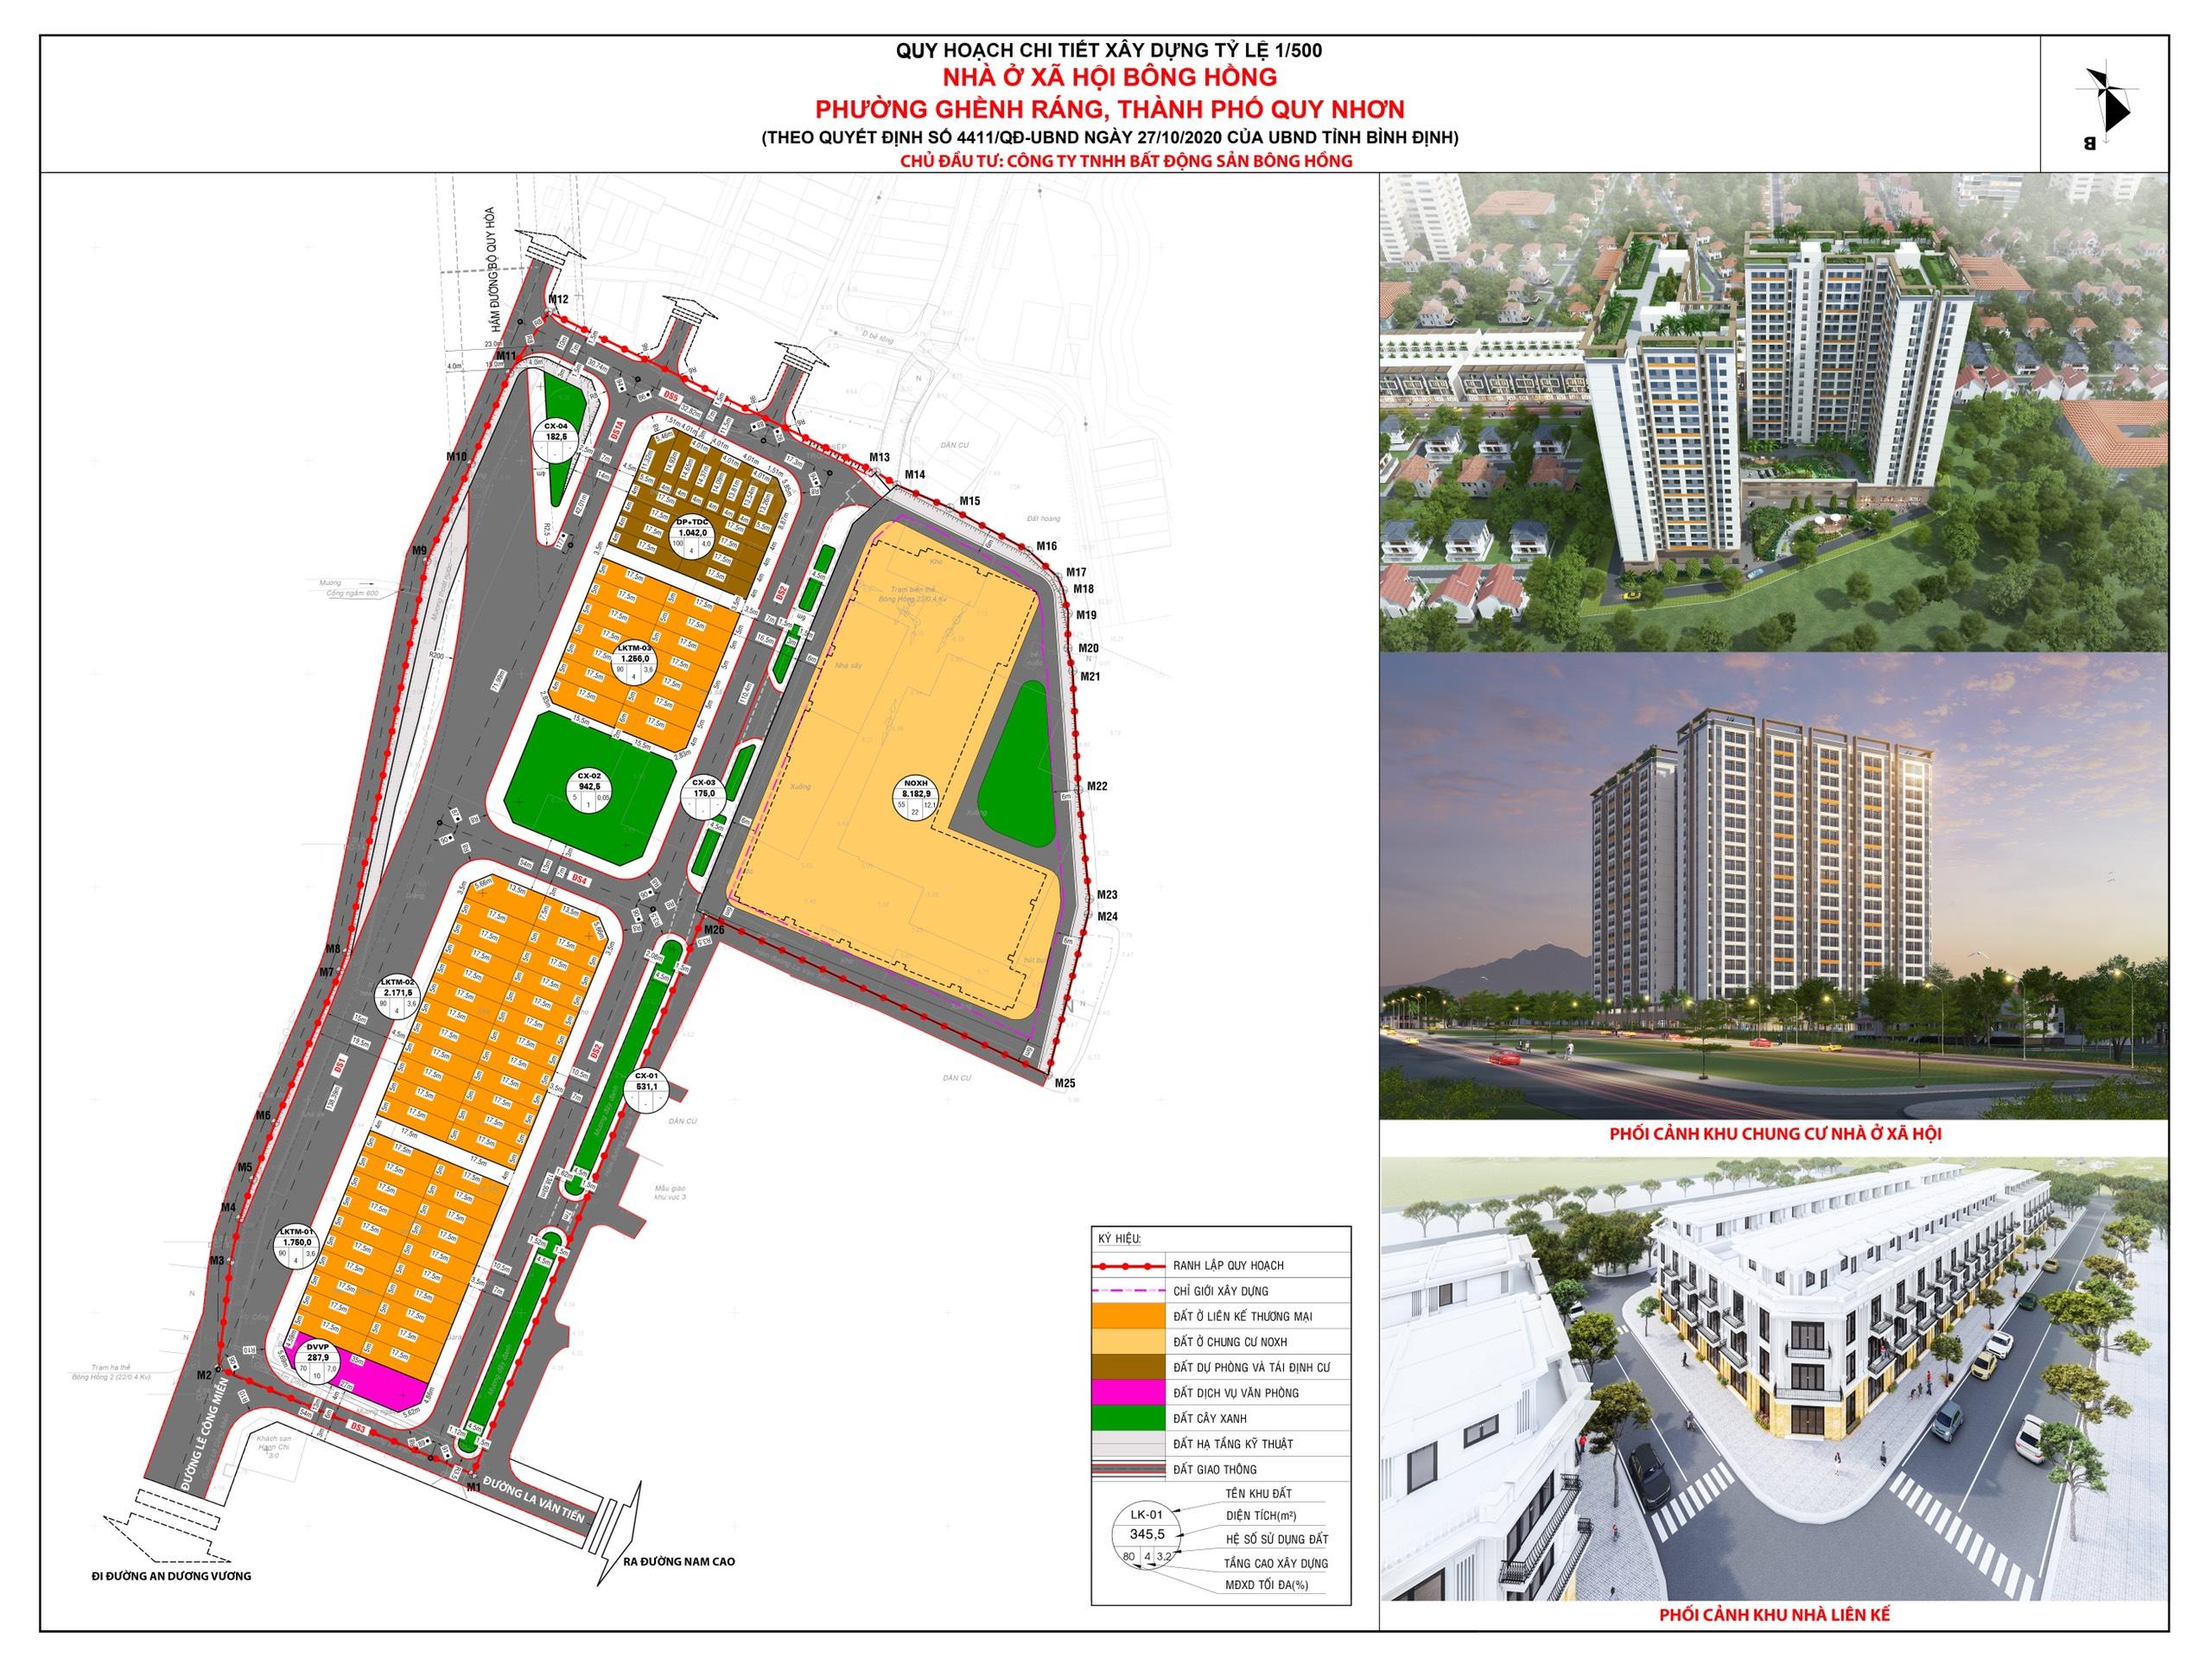 Dự án NƠXH Bông Hồng cao 22 tầng dự kiến khởi công trong quý II/2021 - Ảnh 2.